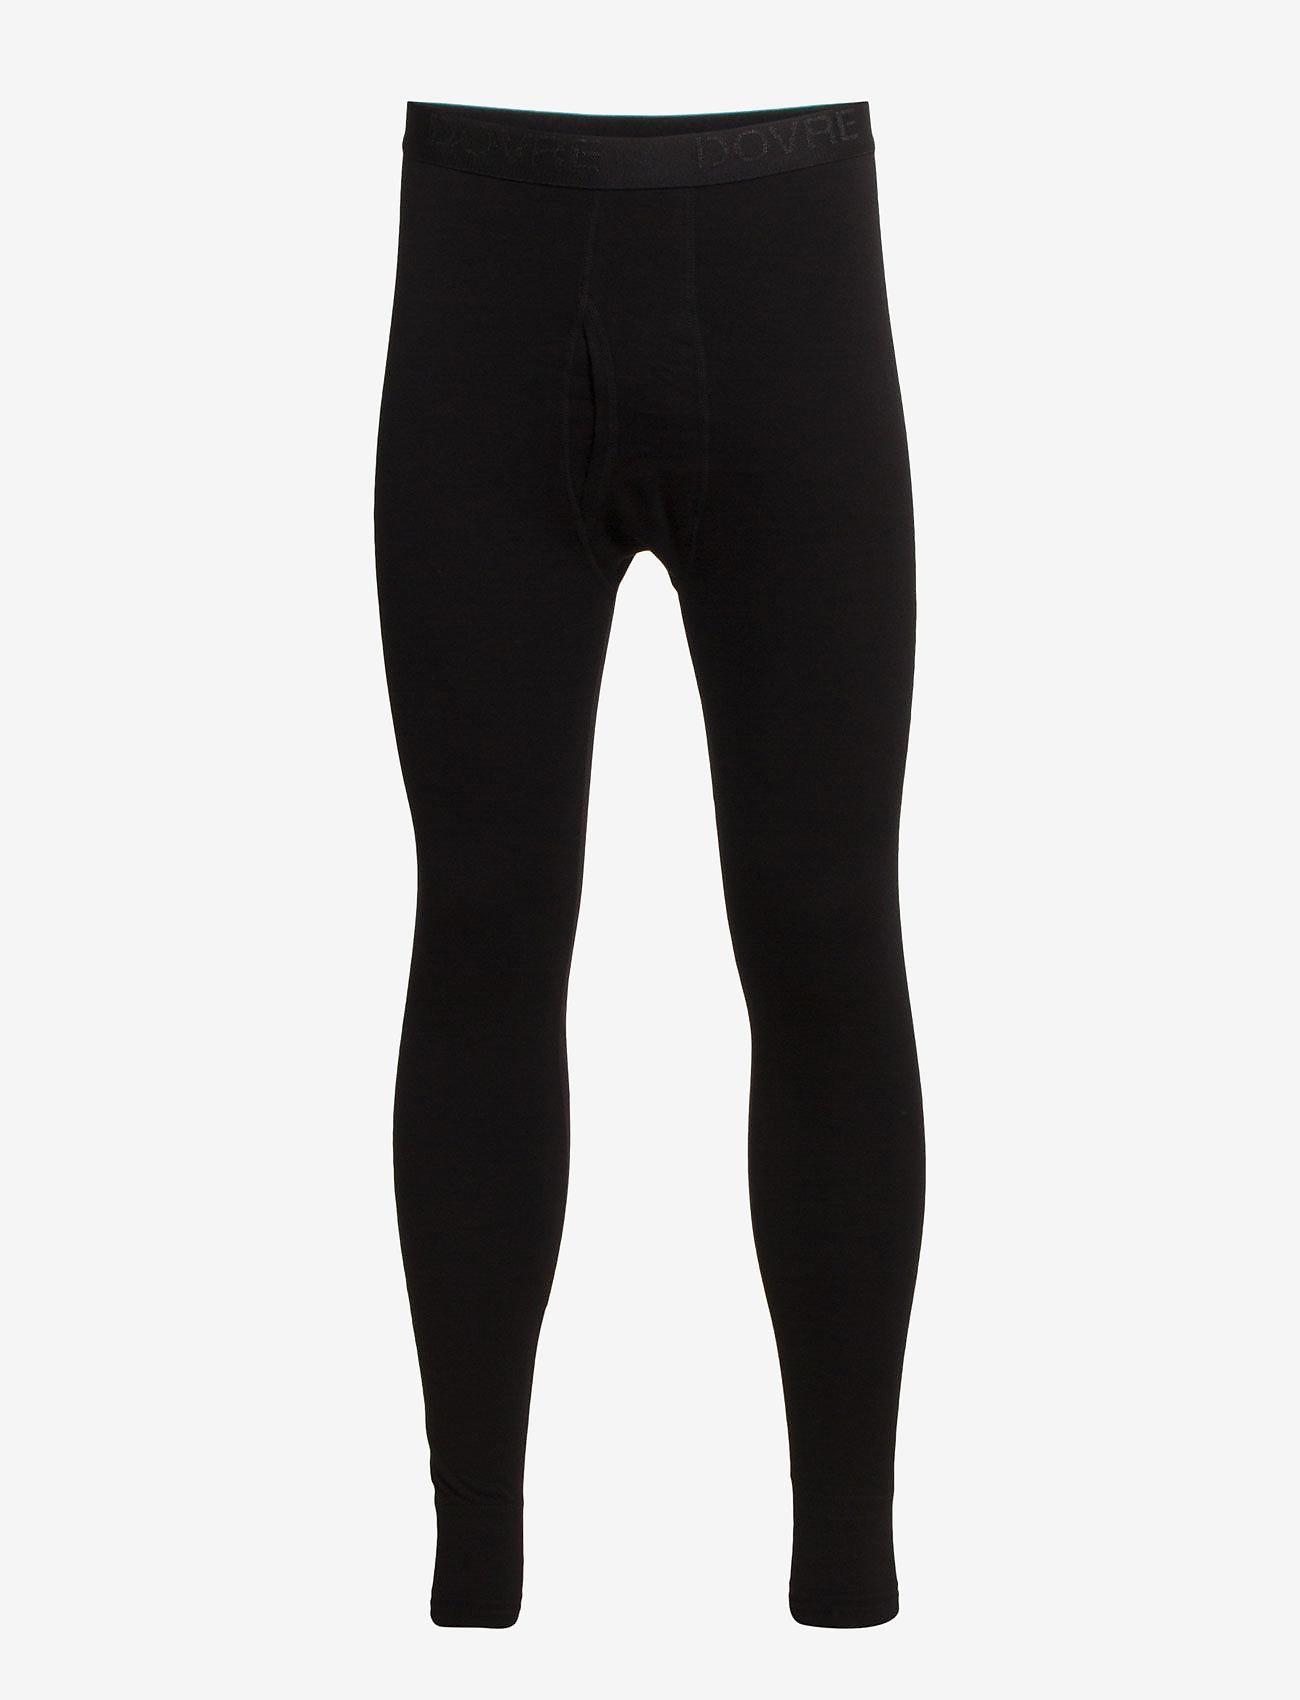 Dovre - Benklæde m/lang ben og gylp - base layer bottoms - black - 0